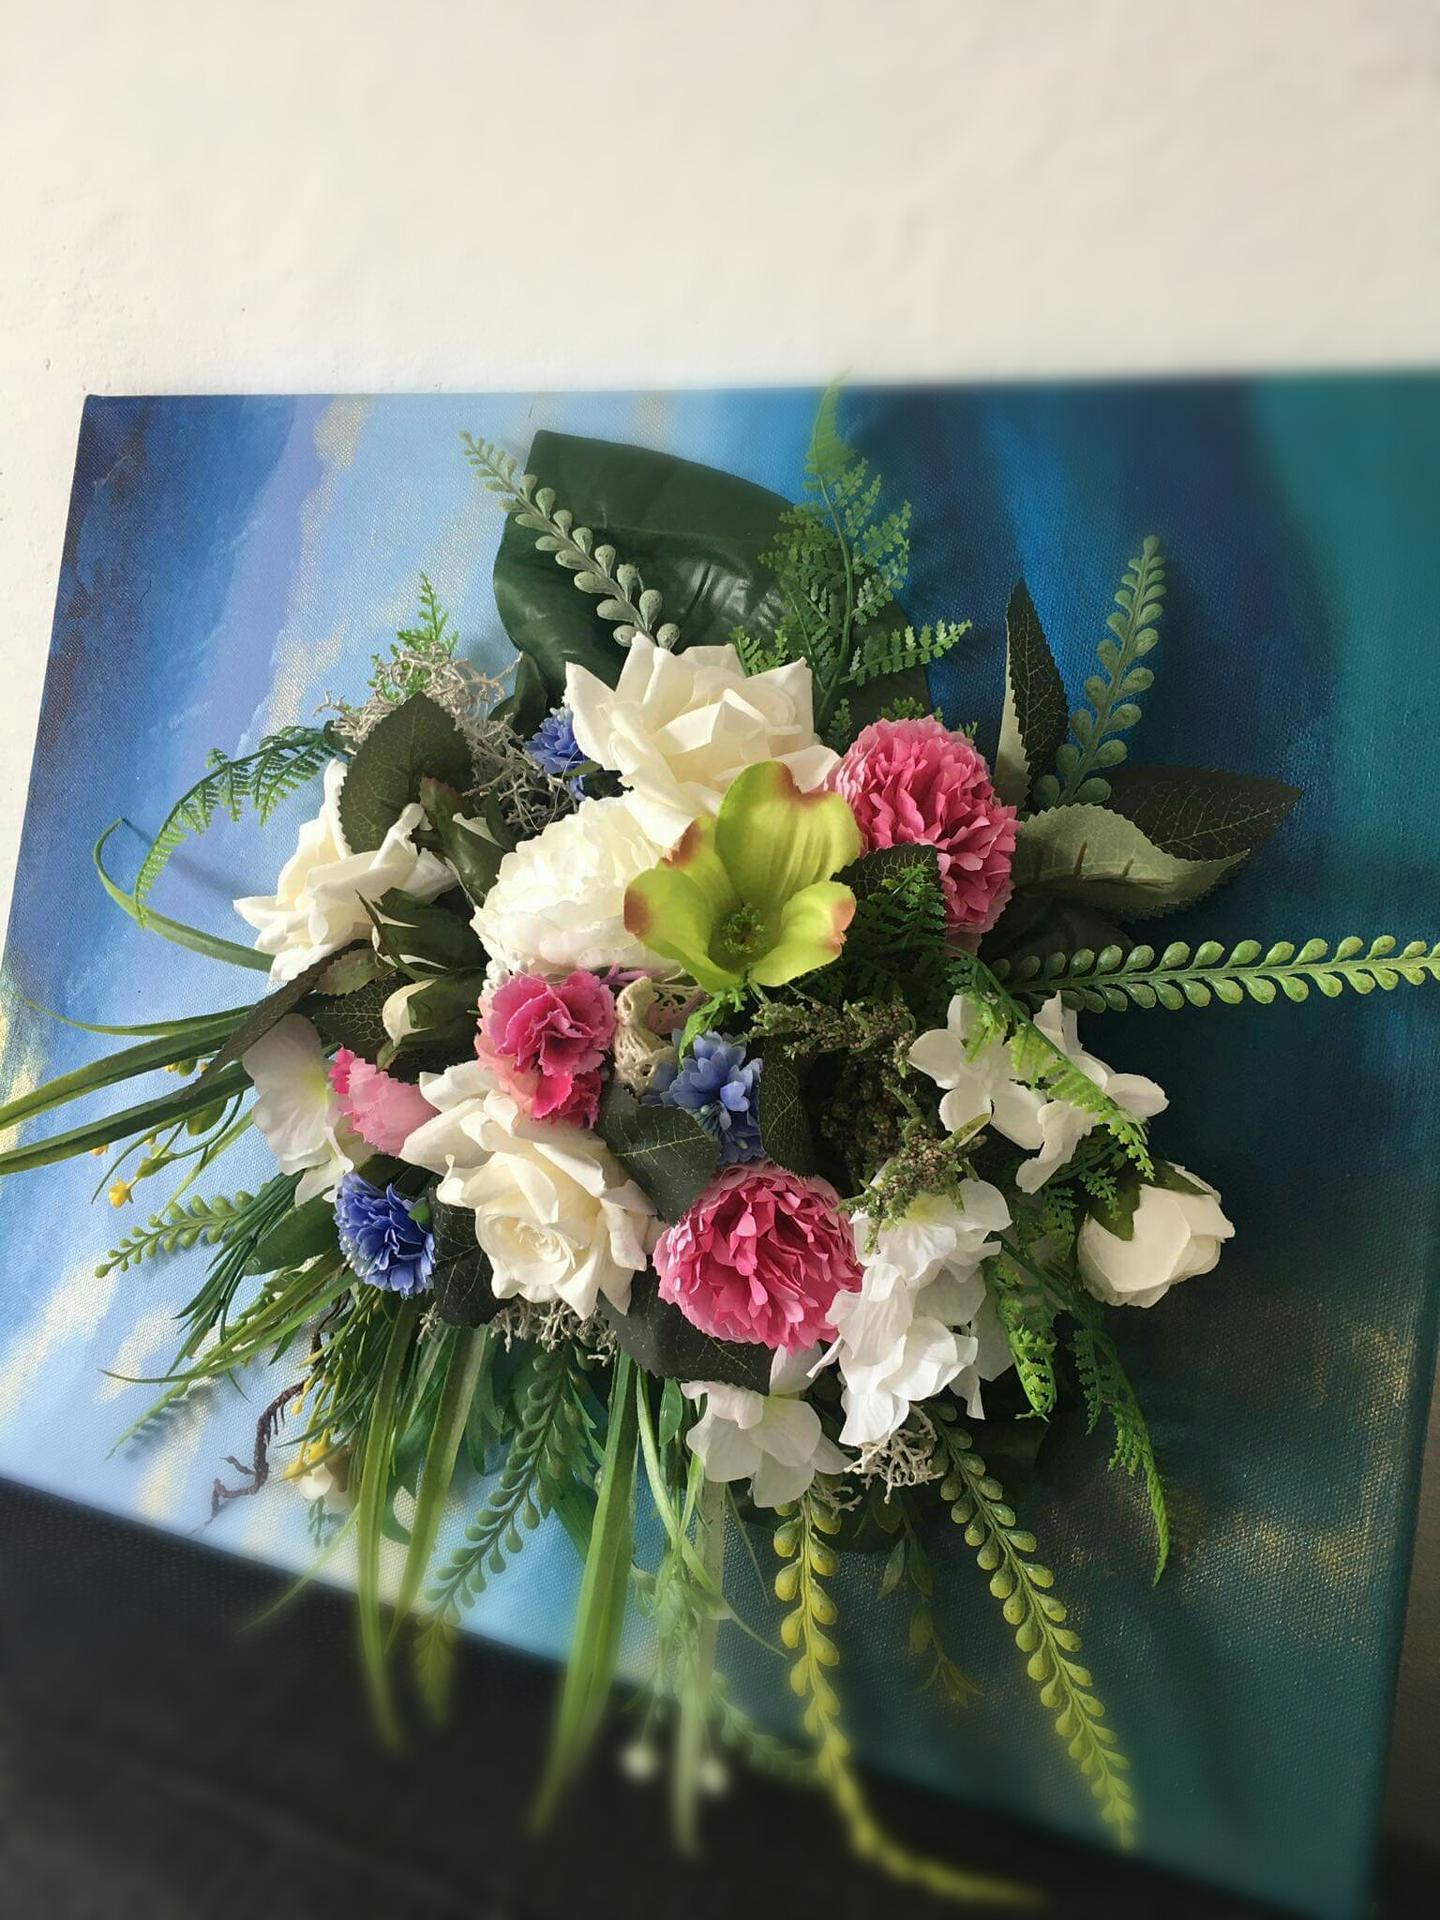 Kvetinový obraz,50x40cm - Obrázok č. 1